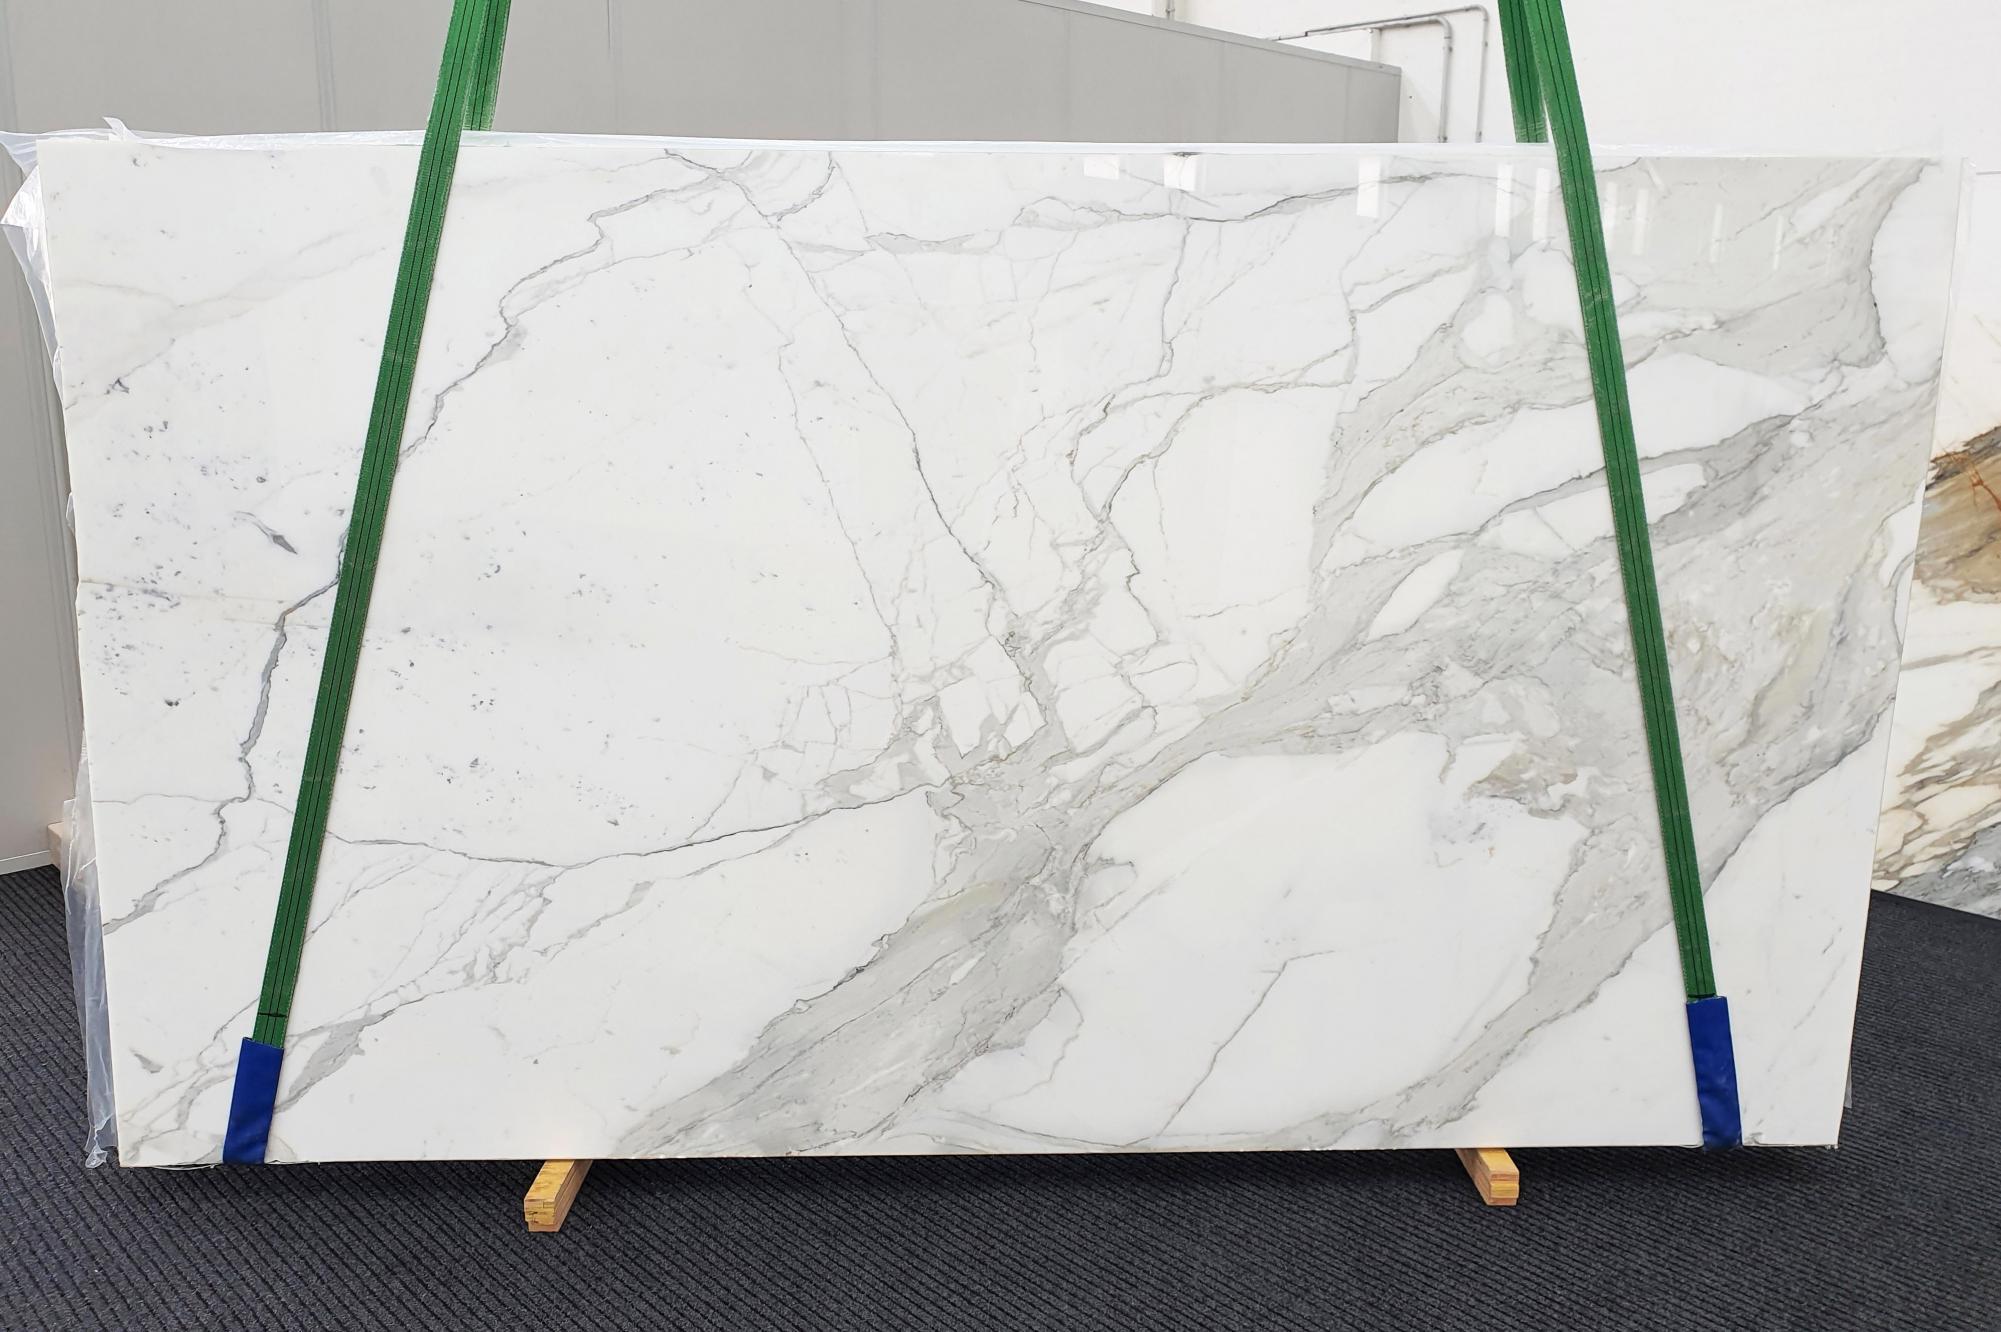 CALACATTA EXTRA Suministro Veneto (Italia) de planchas pulidas en mármol natural 1377 , Slab #63